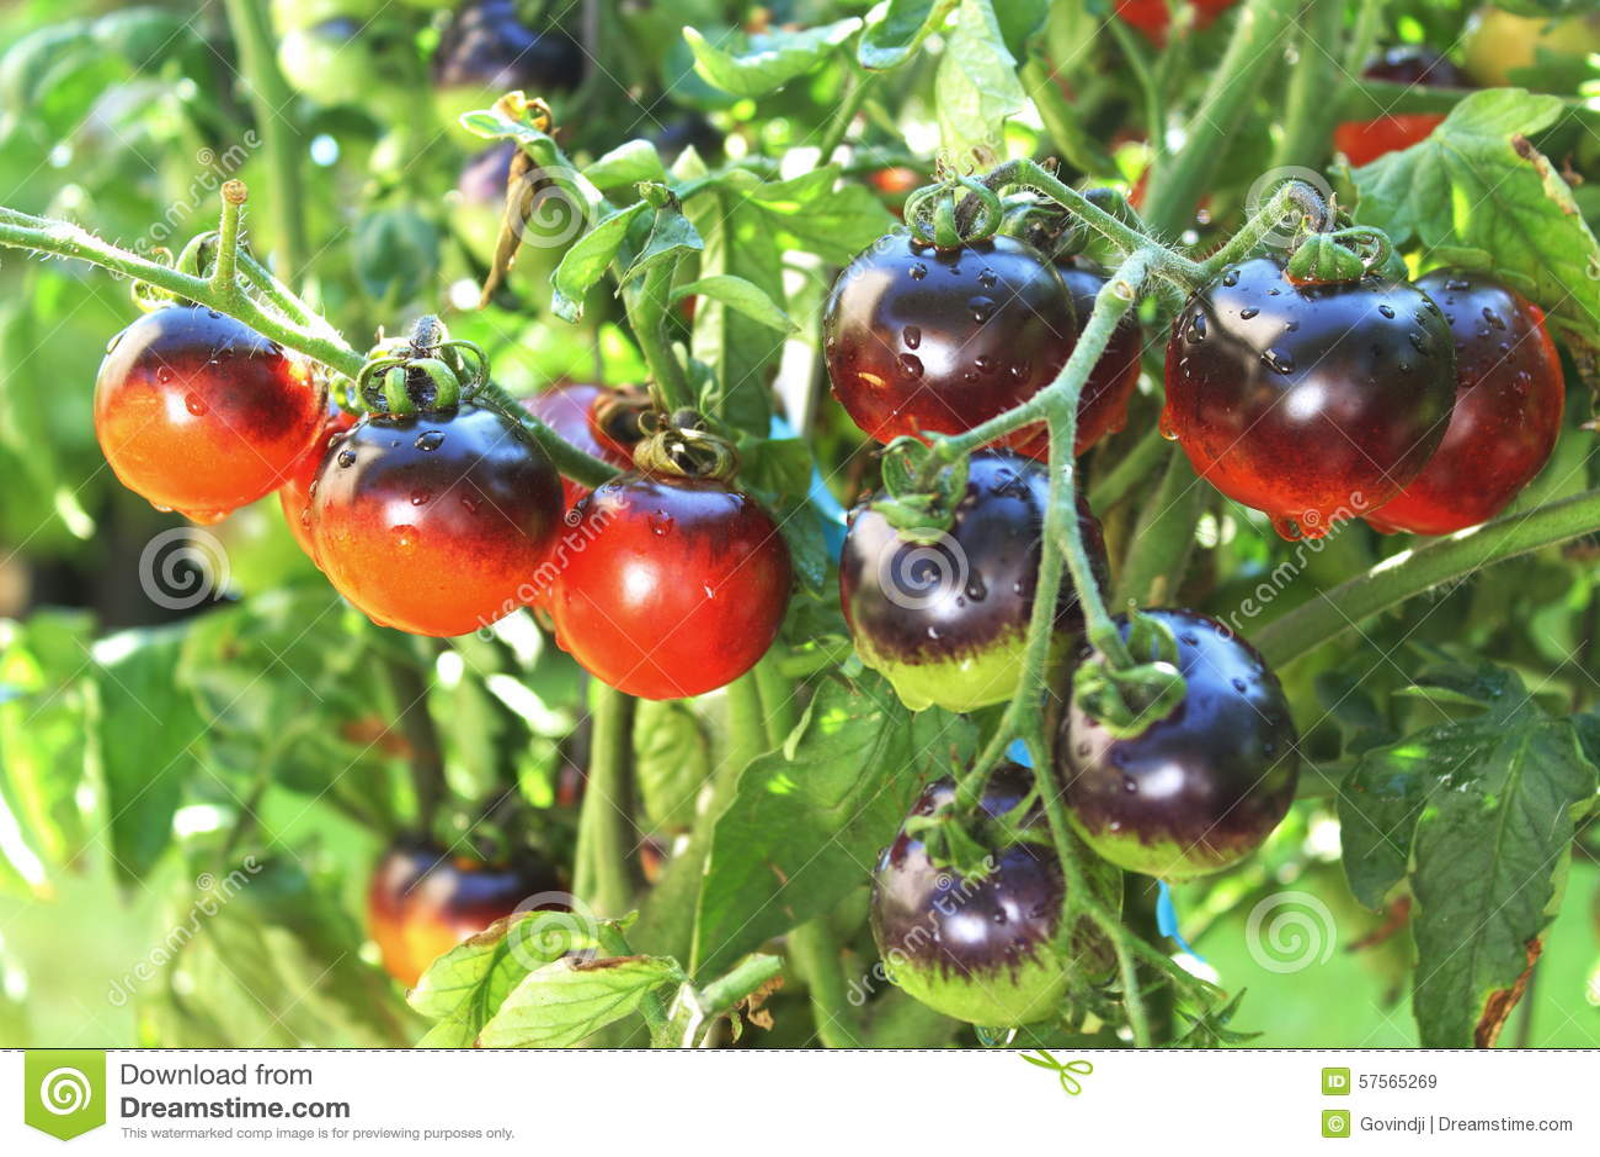 Indigo Rose Black Tomato On Tomato Plant Stock Photo ...